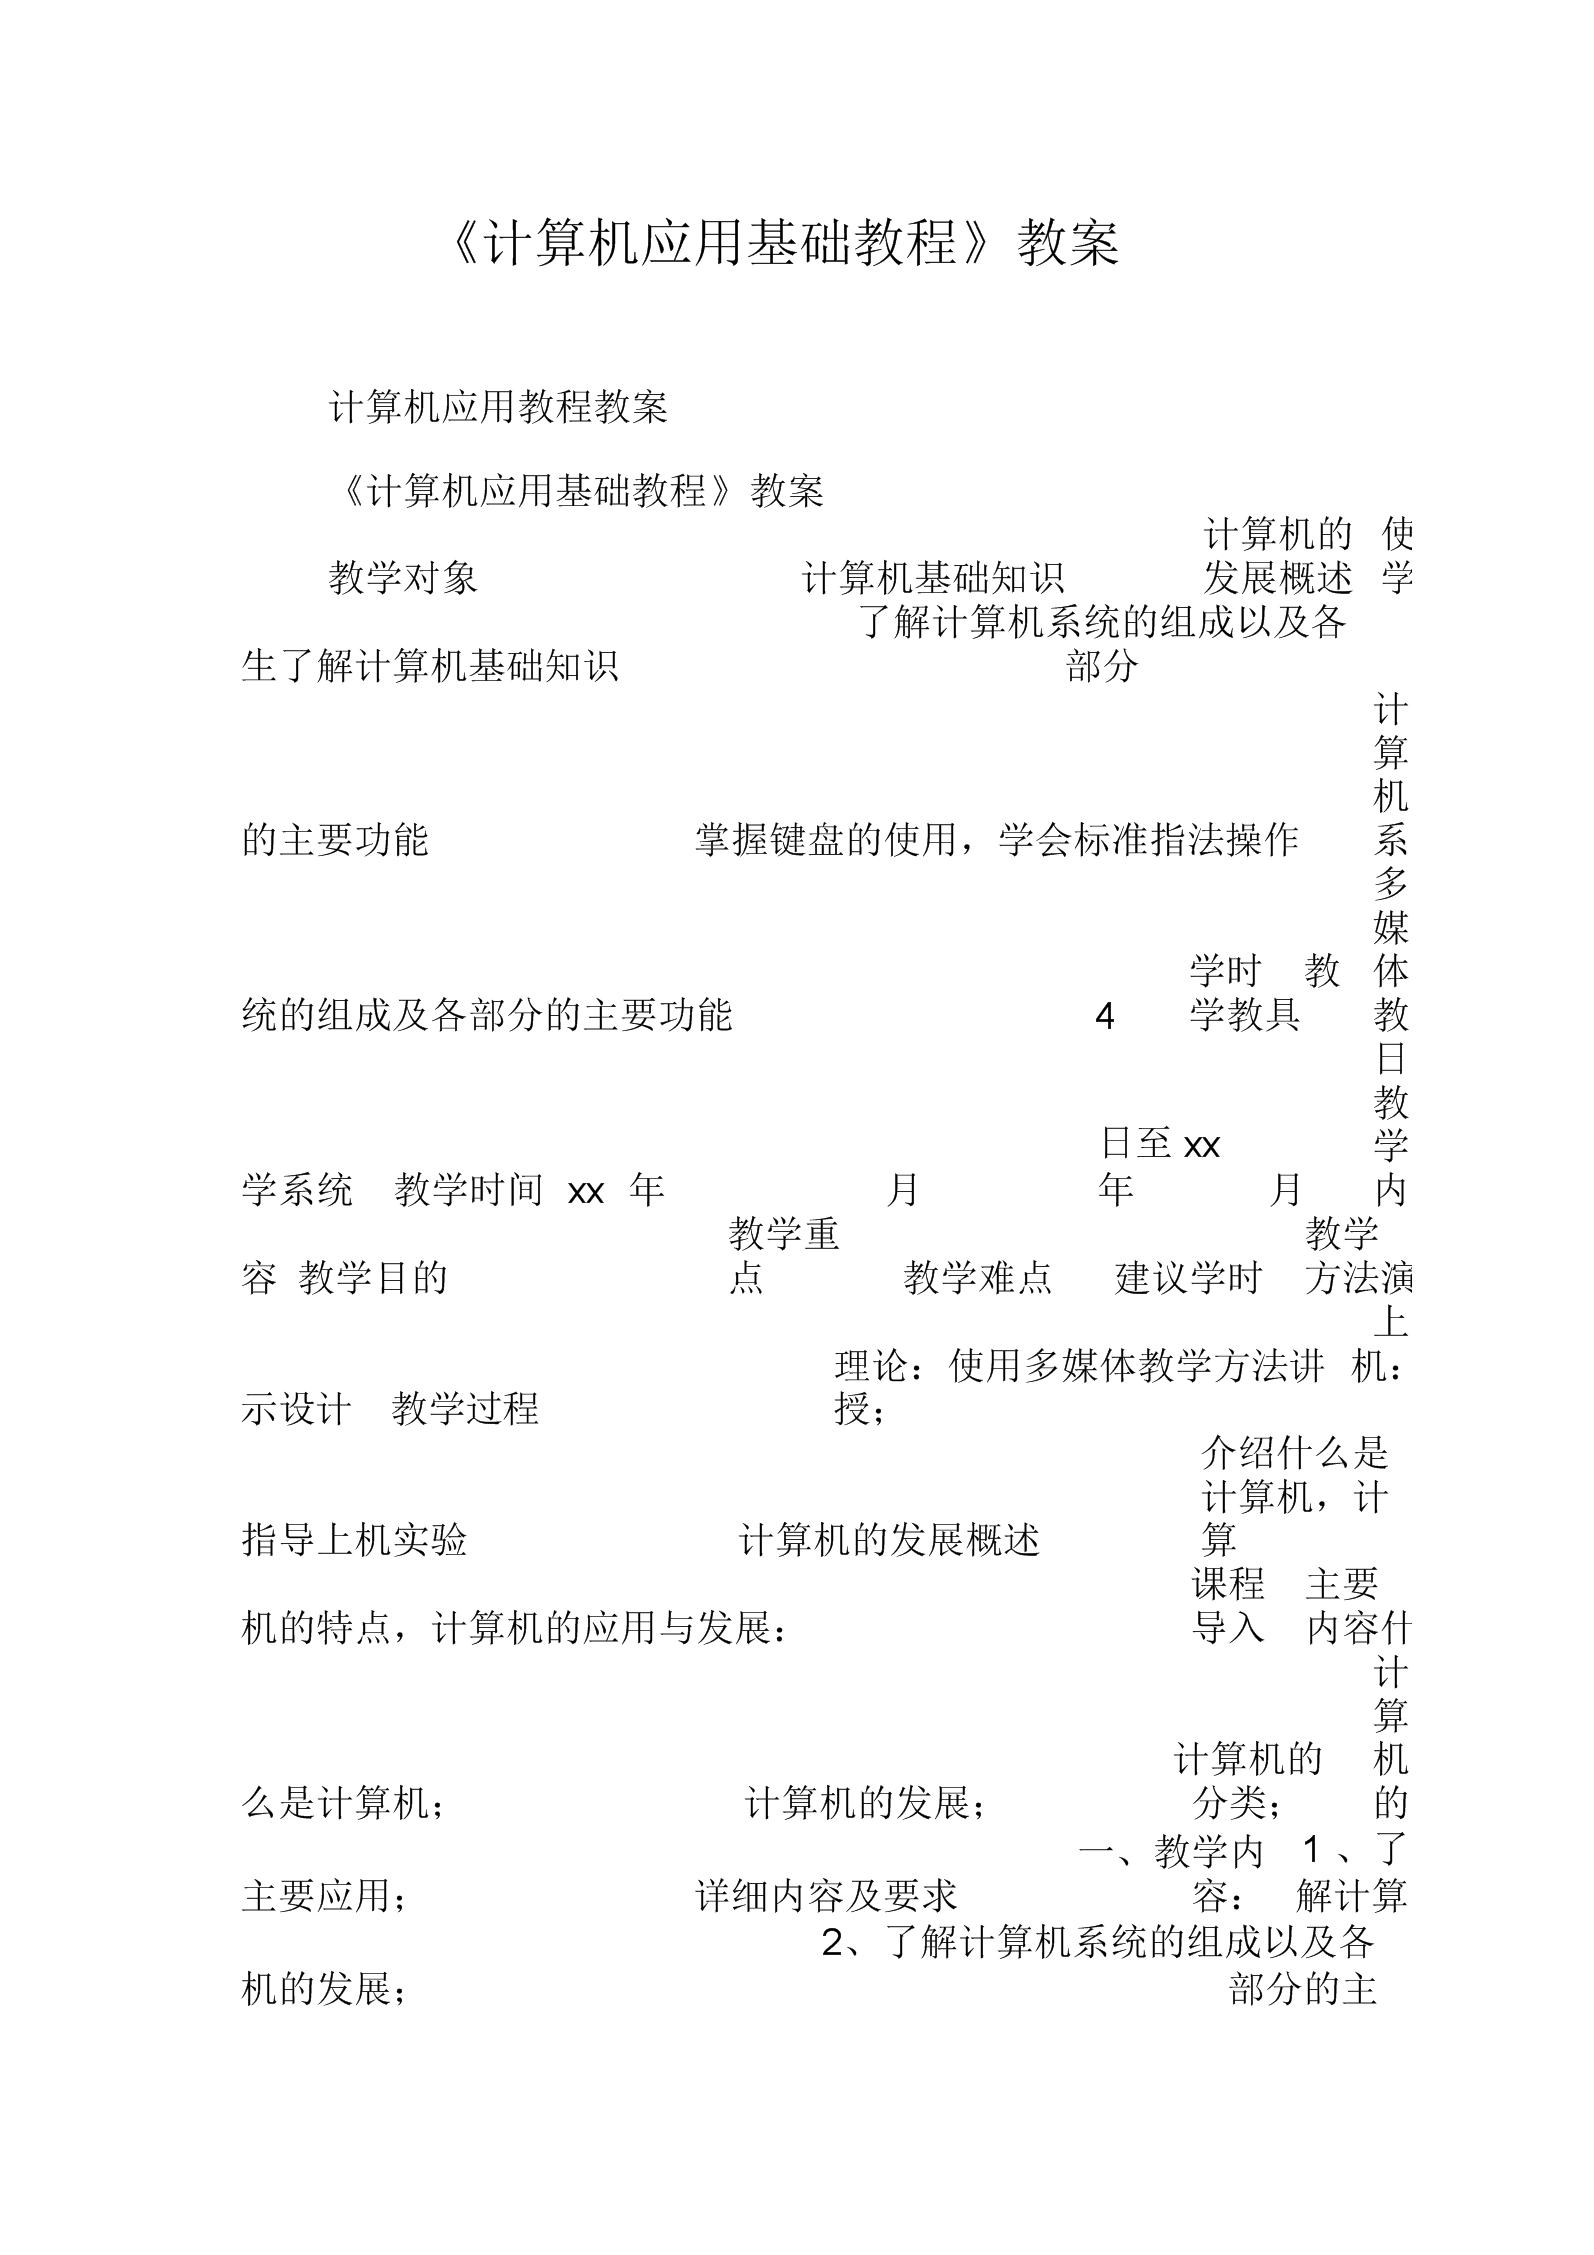 计算机应用基础教程优选教案.docx